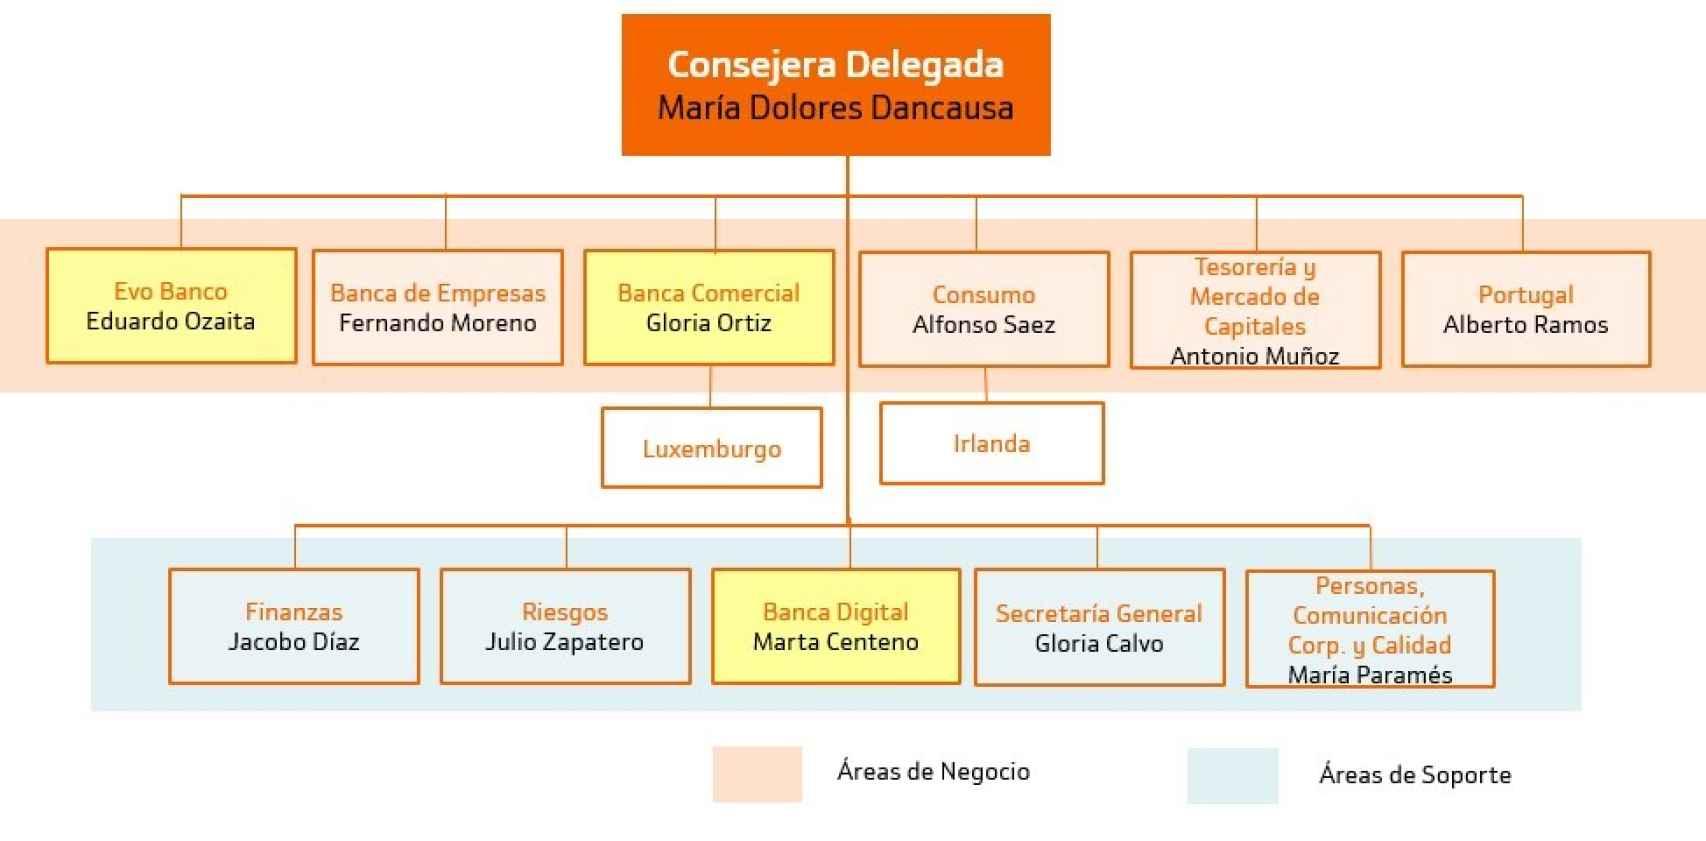 Nuevo organigrama del equipo directivo de Bankinter.